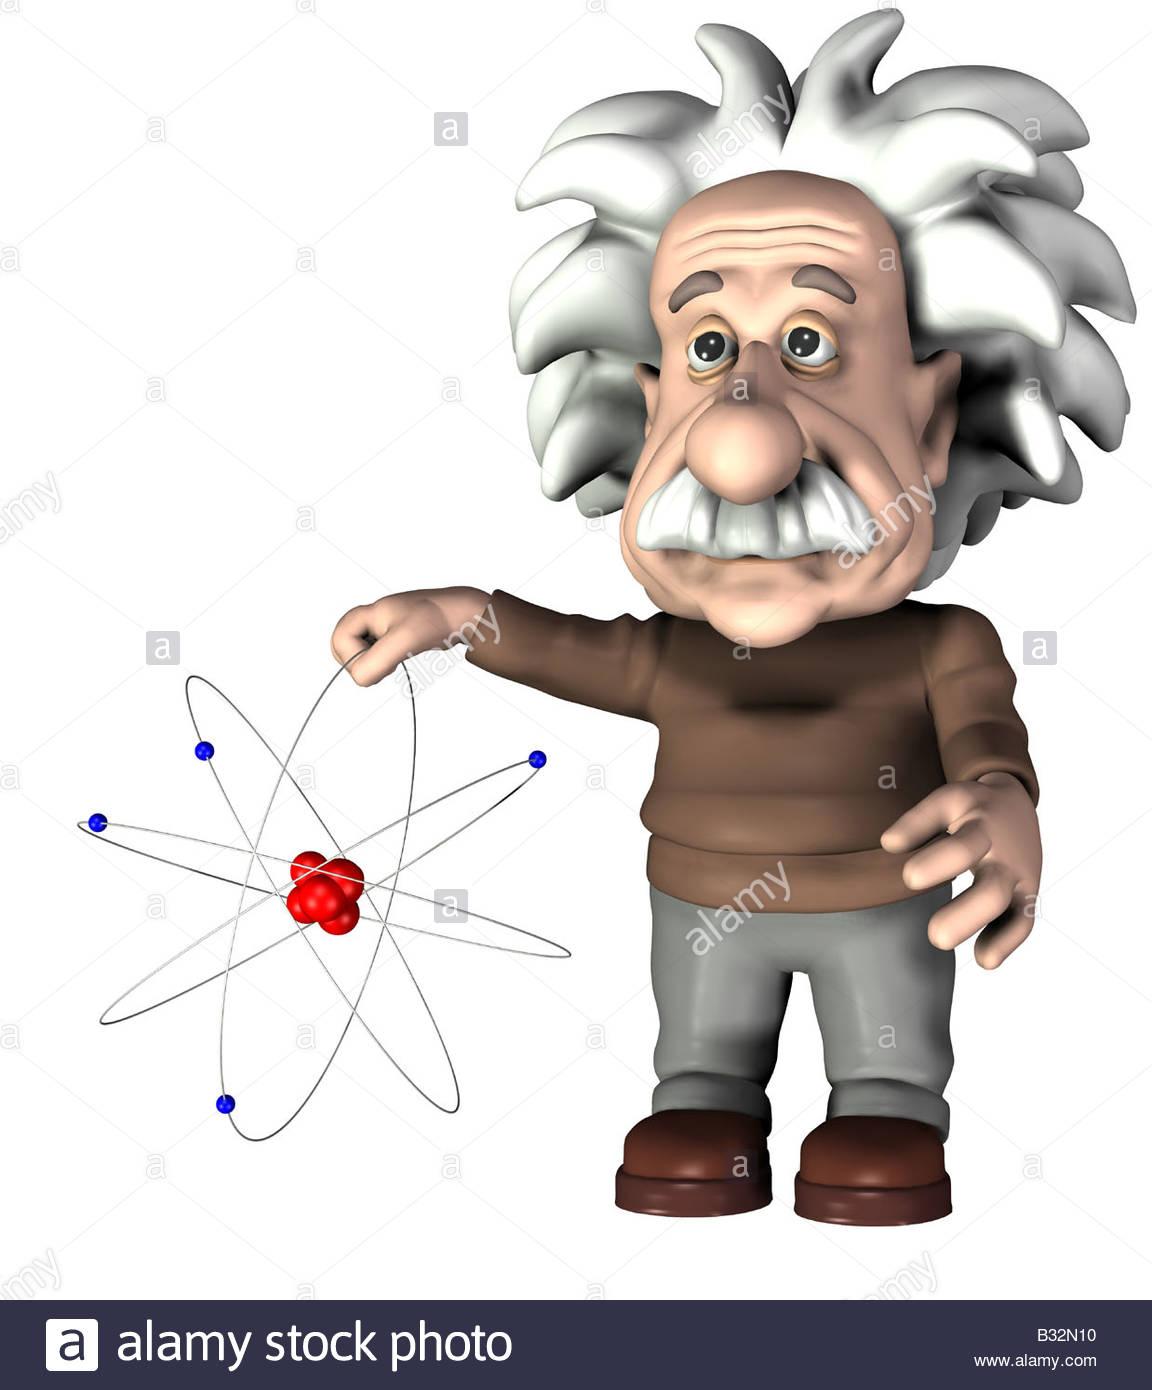 Physik albert einstein clipart 4 » Clipart Station.